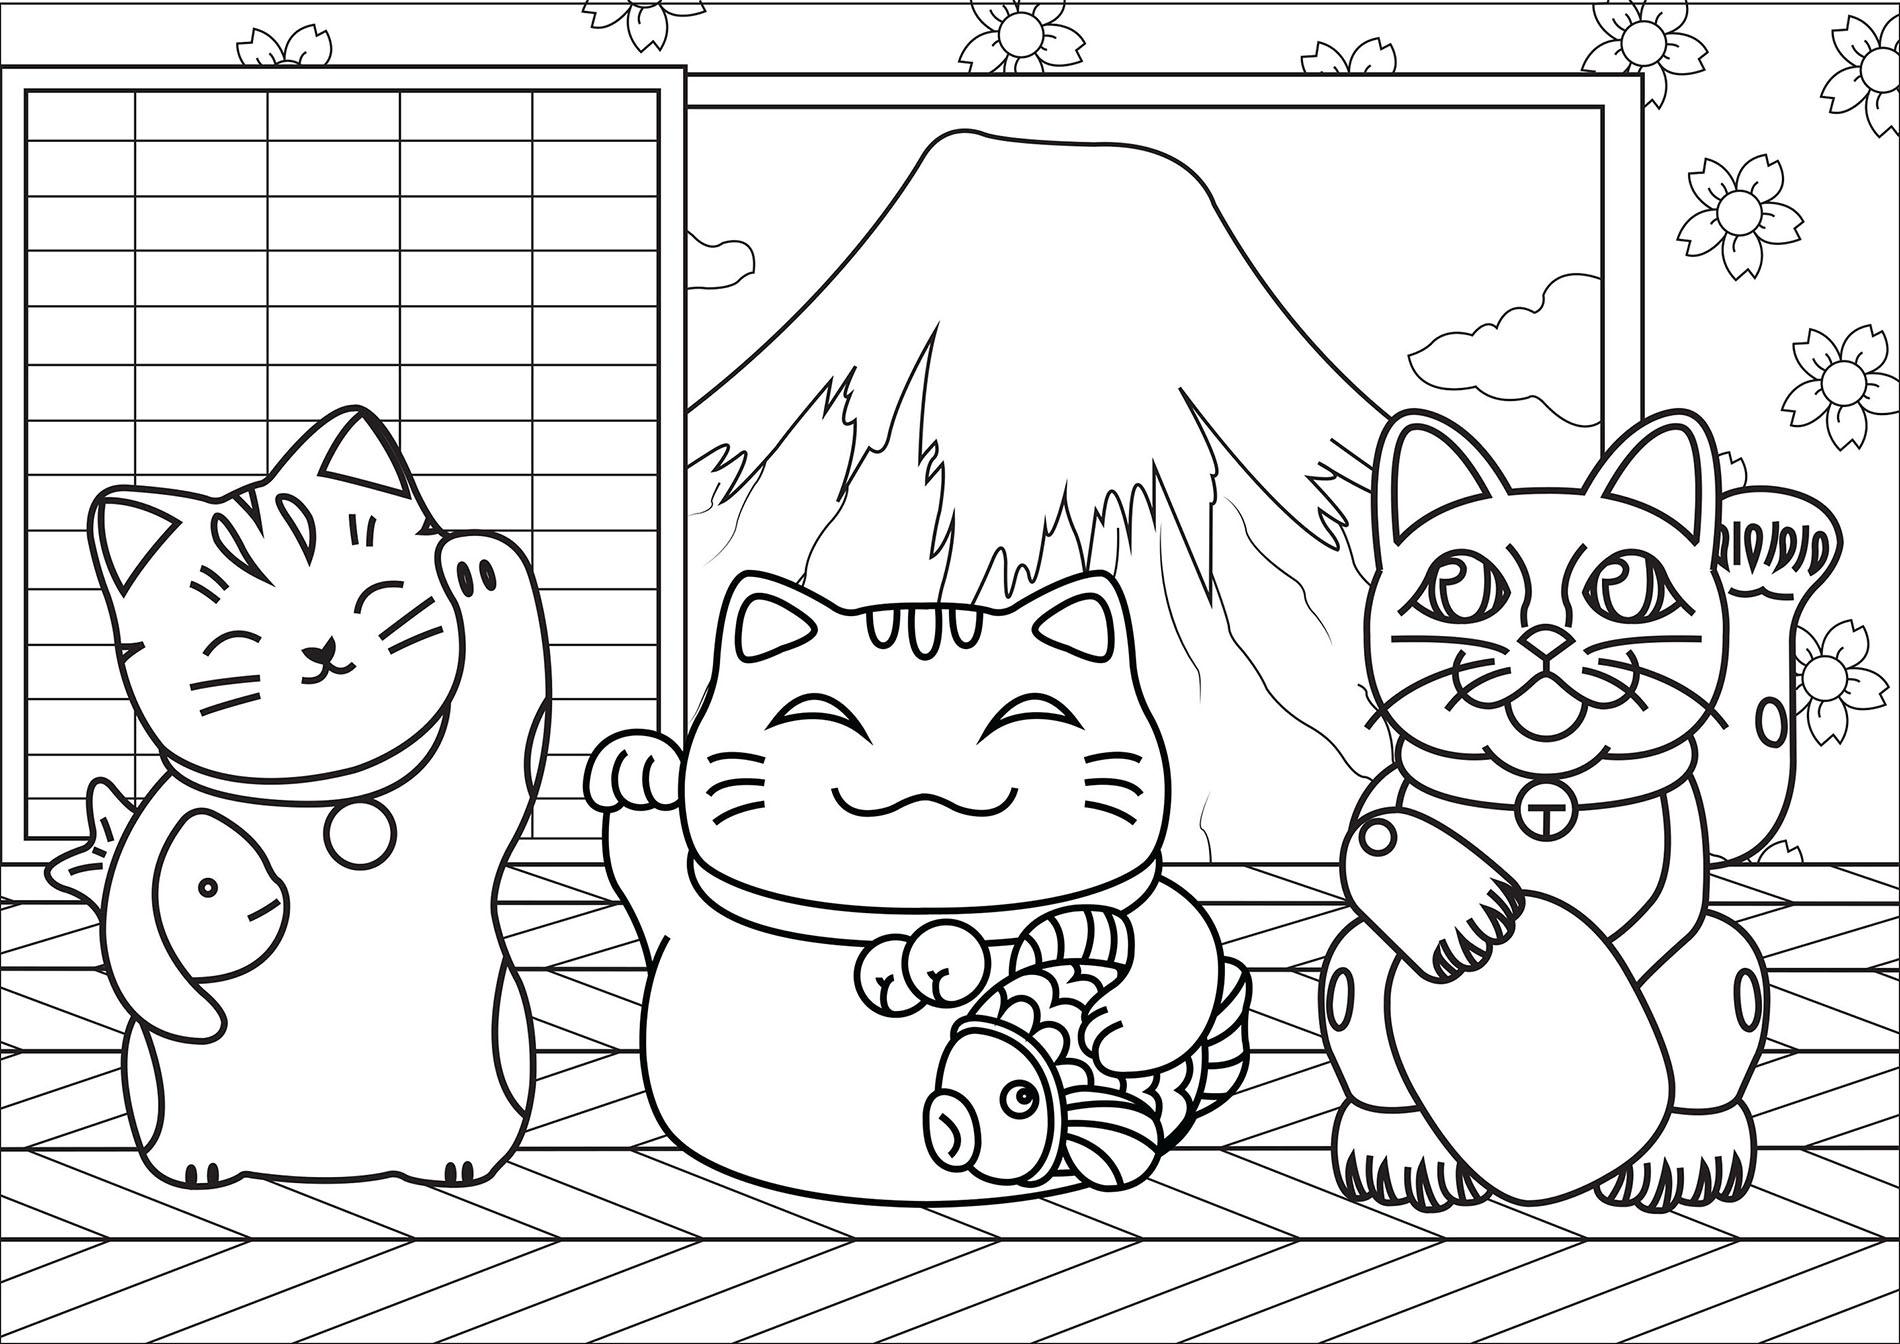 Coloriage Chat Porte Bonheur.3 Chats Maneki Neko Coloriage Maneki Neko Coloriages